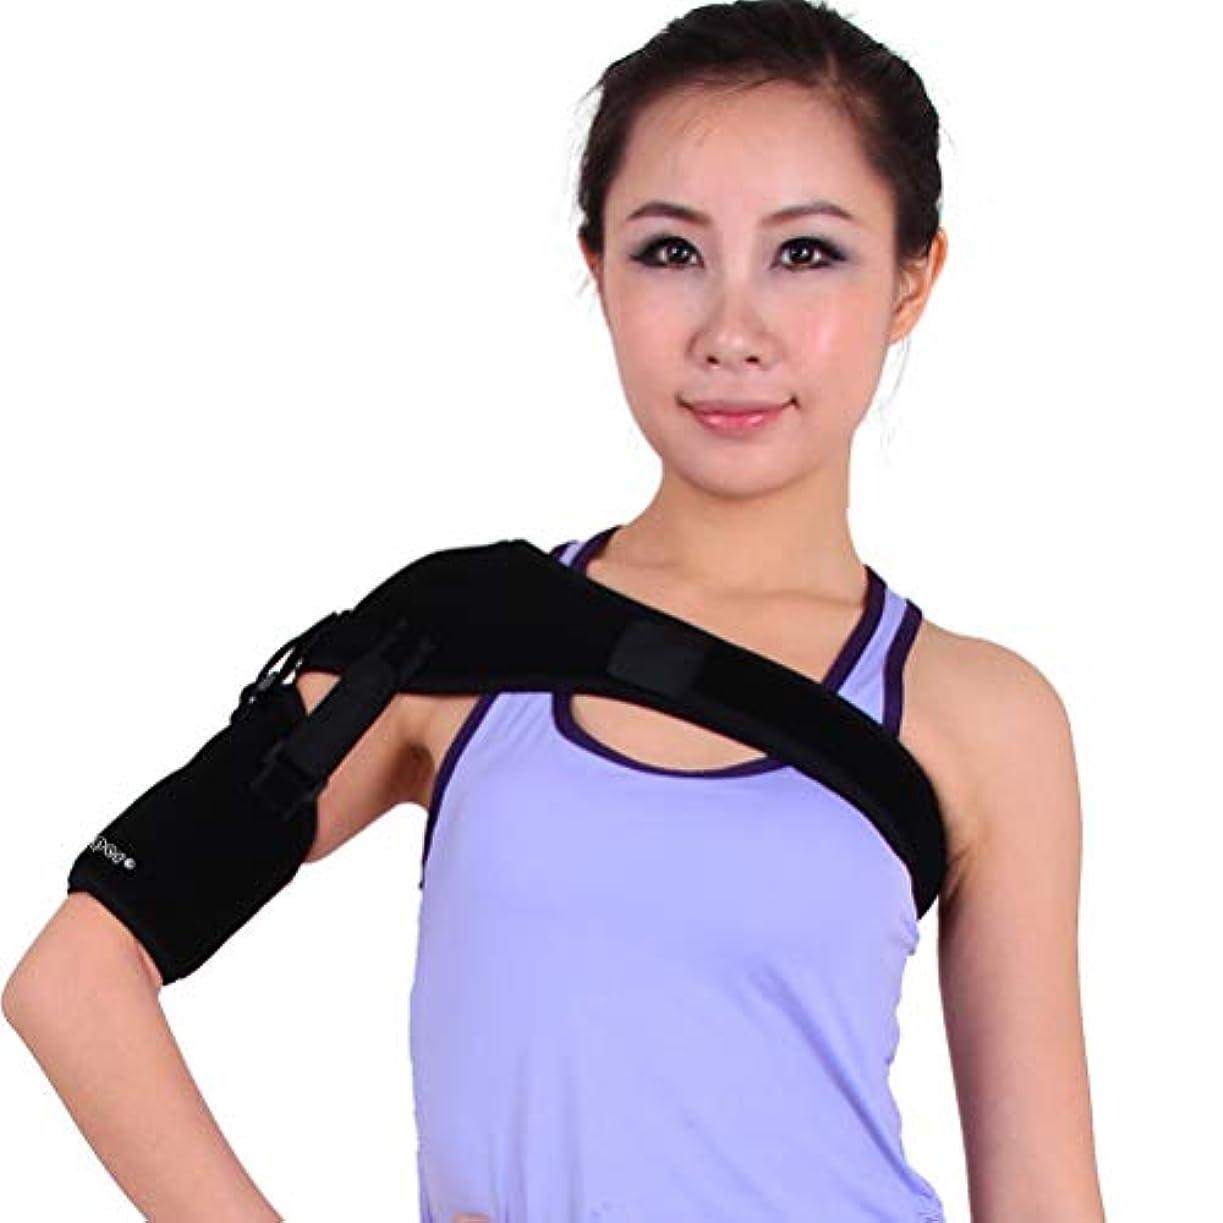 ラッチスキーチューリップHealifty ショルダーサポート右腕スリング調整可能な肘サポートメッシュブレース医療用スリングストラップ固定具(スポーツ用)壊れた骨折した腕(黒)